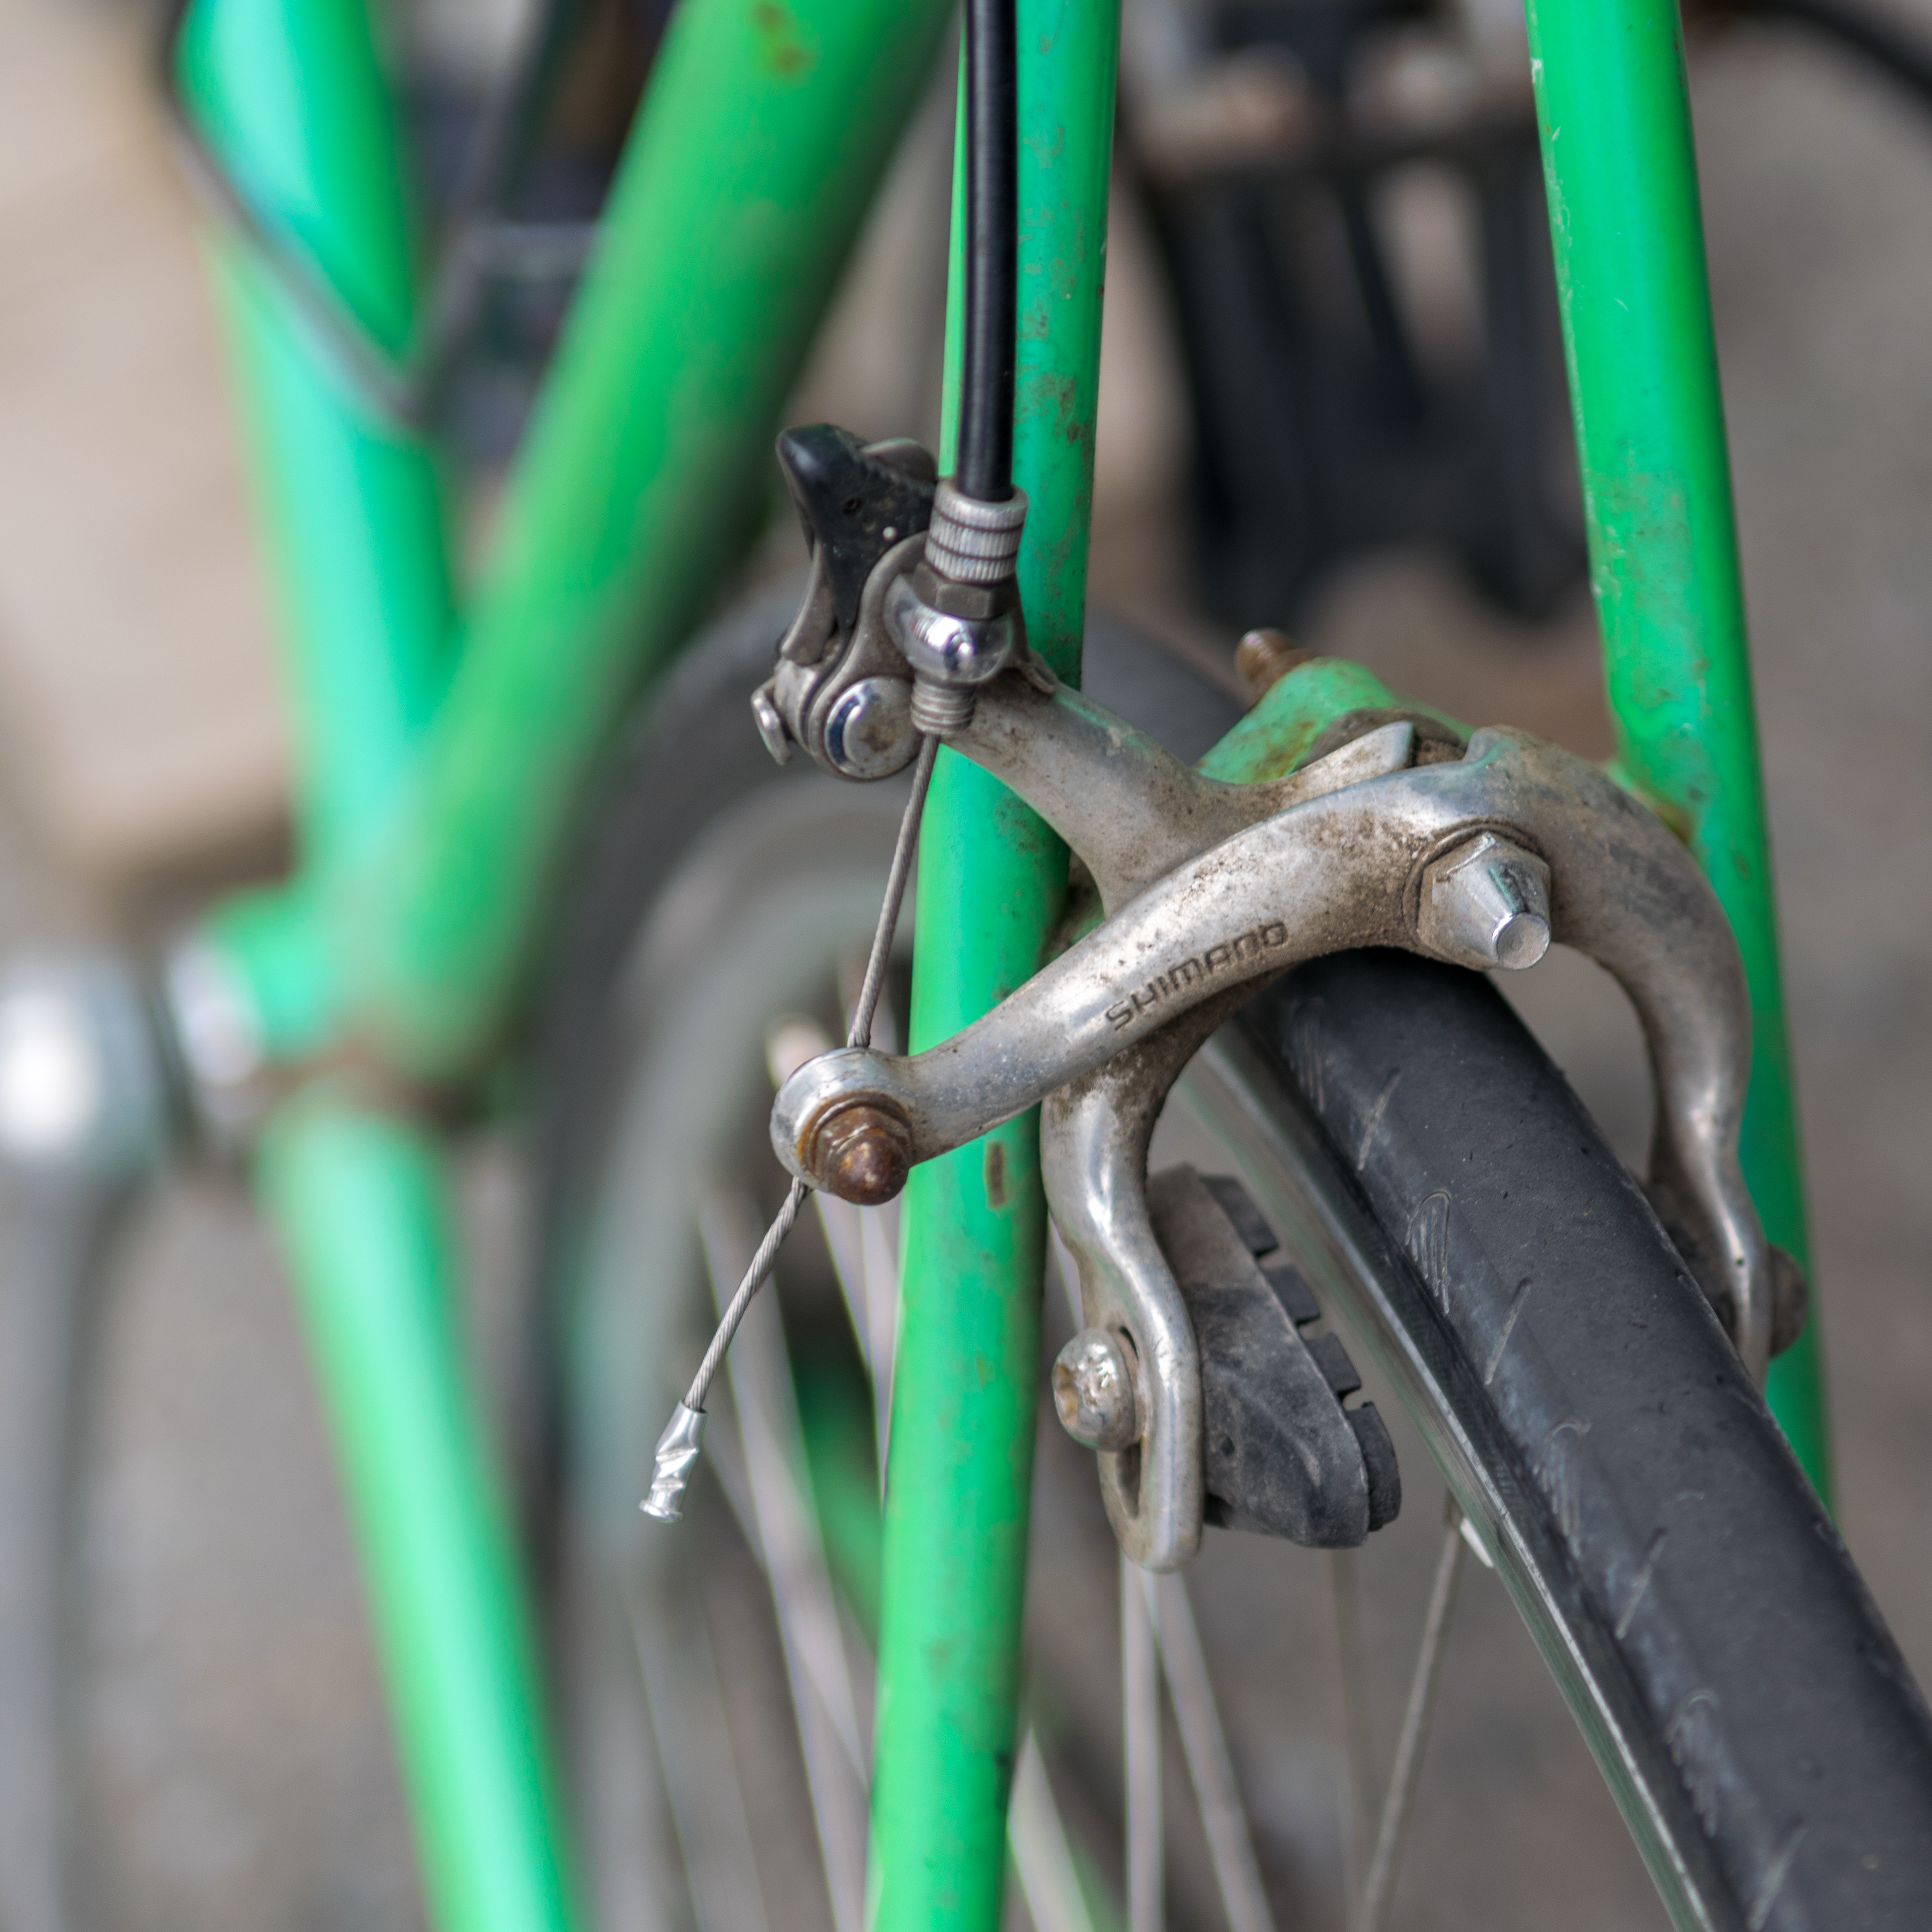 17-08-07-Fahrräder-Montreal-RalfR-DSC 4264.jpg